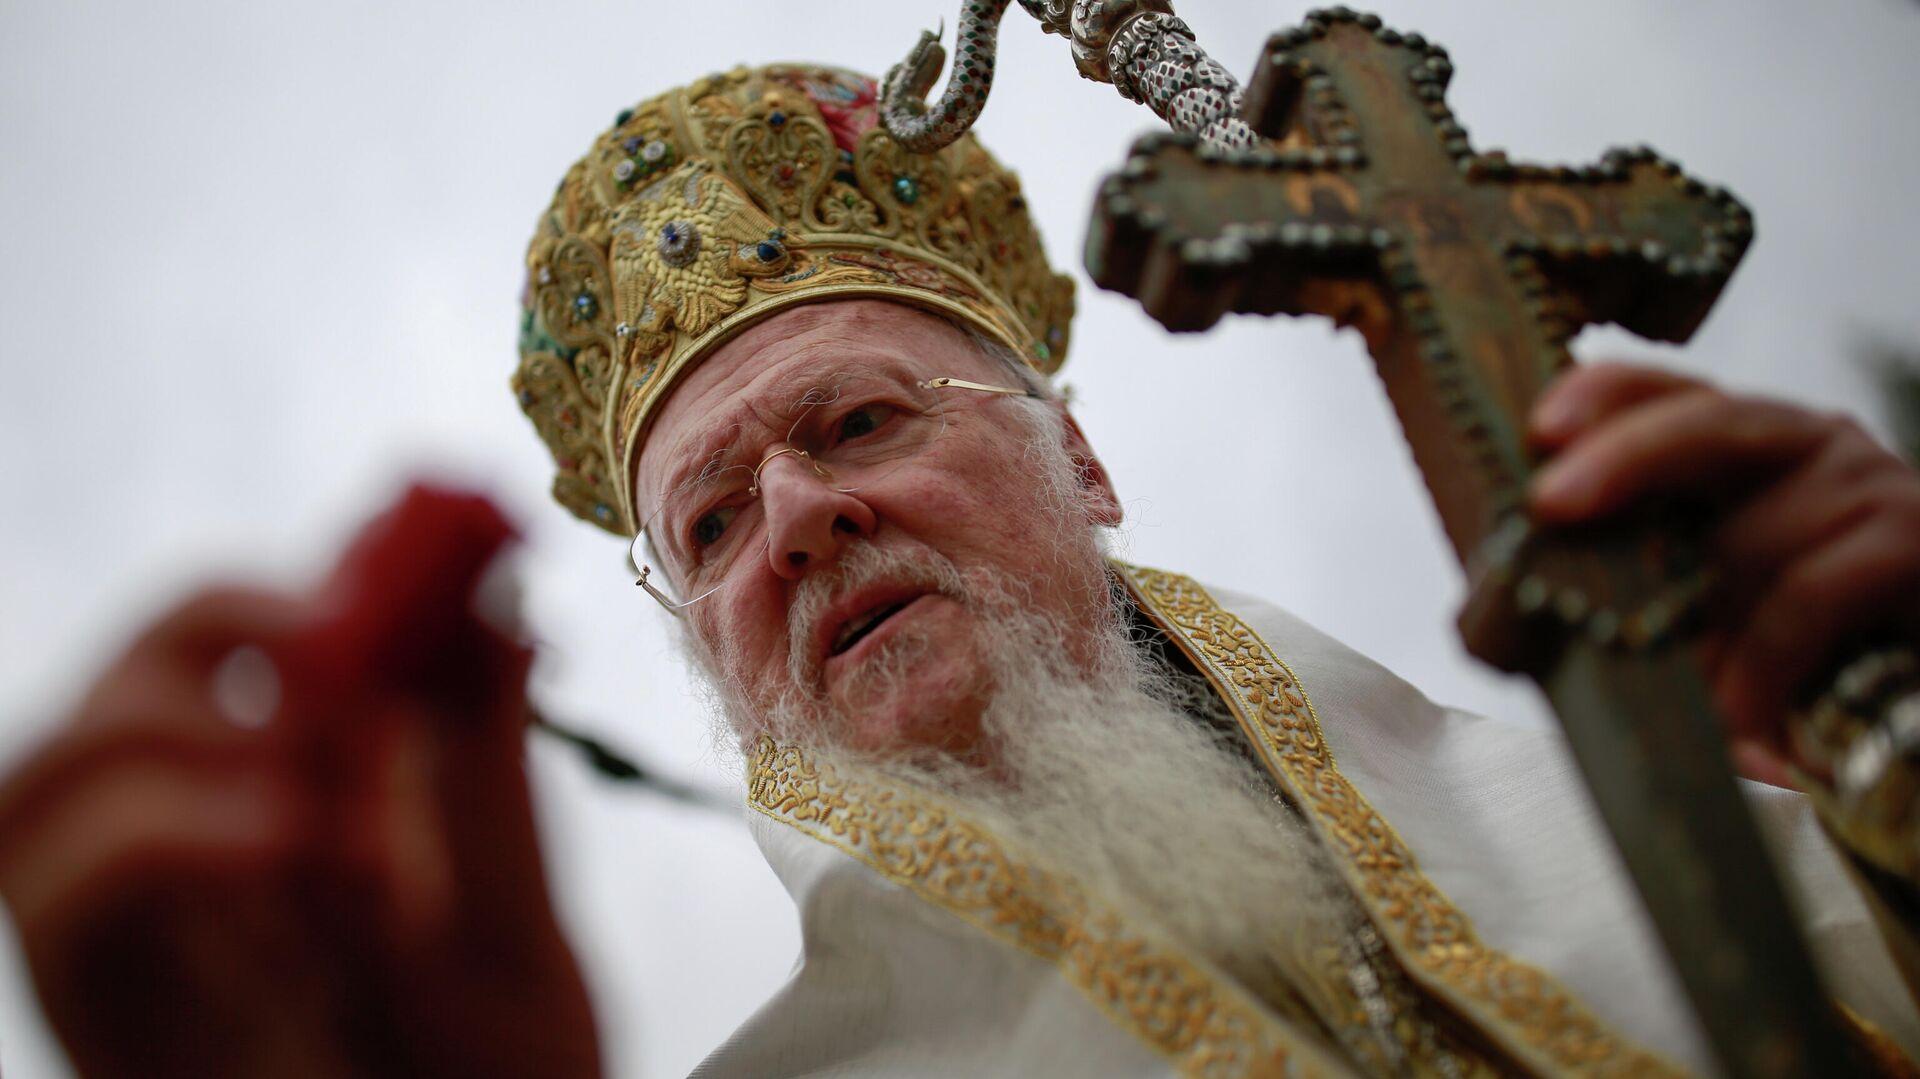 Патриарх Константинопольский Варфоломей - РИА Новости, 1920, 23.08.2020